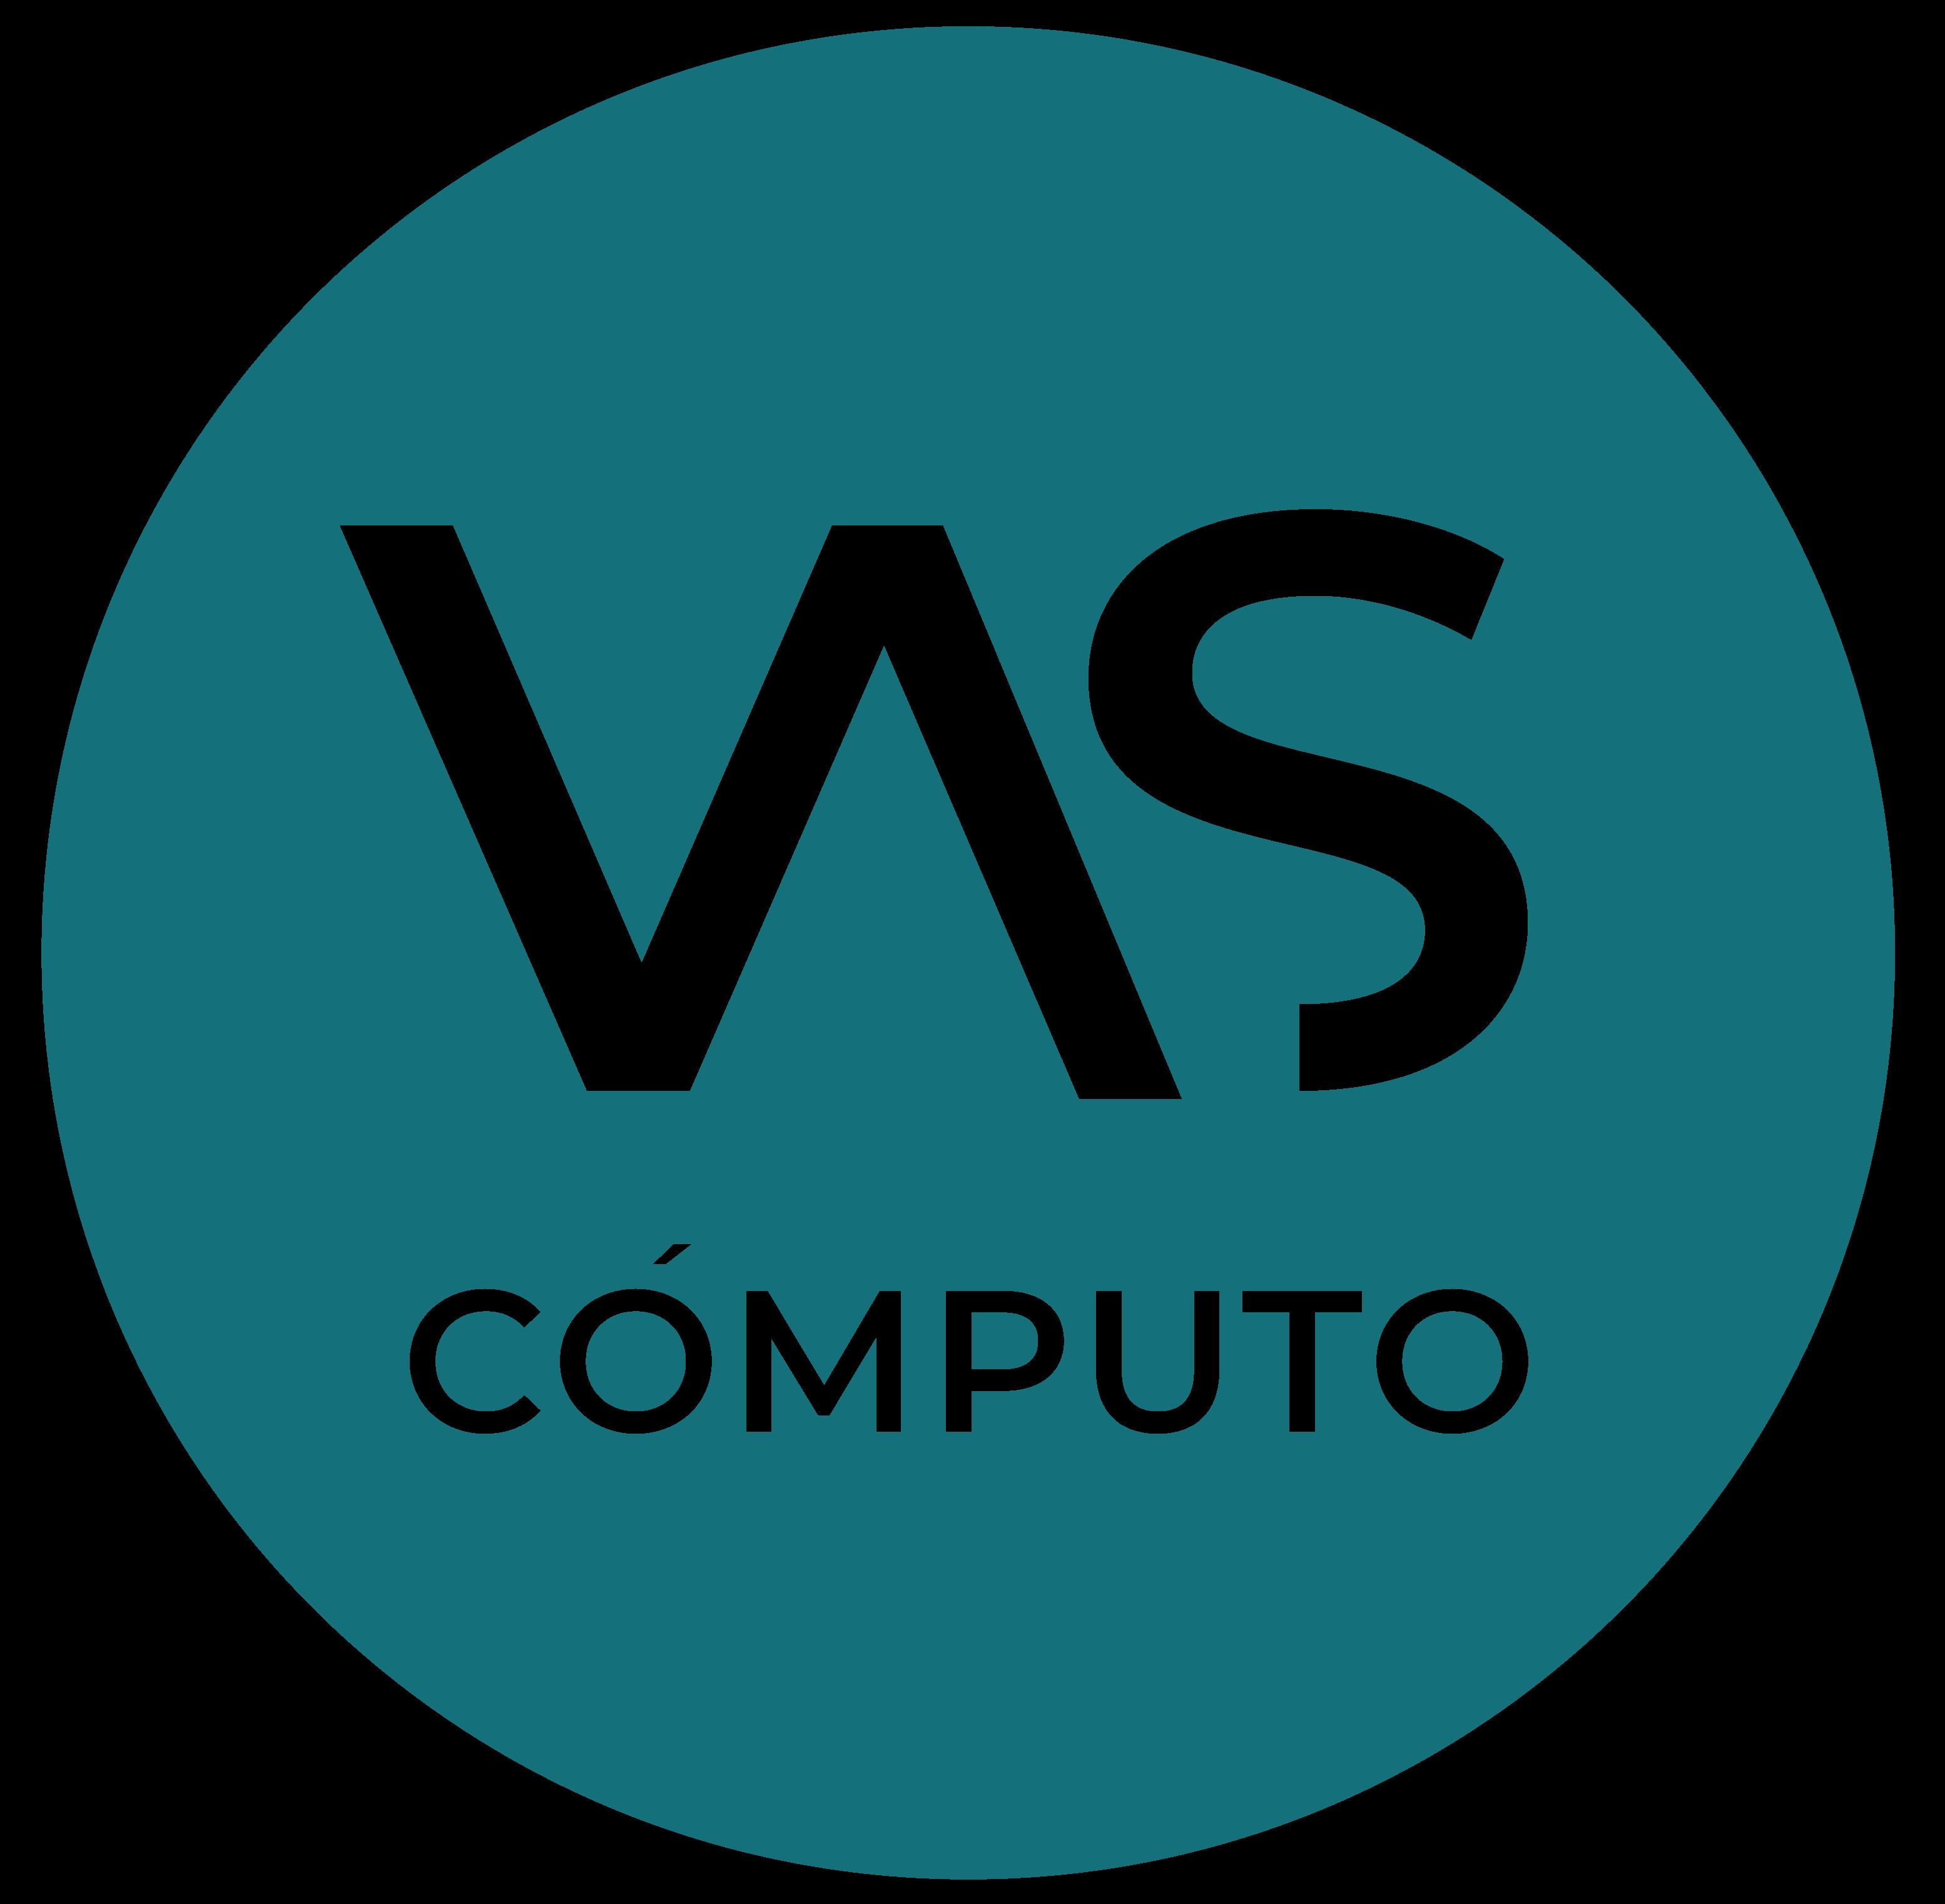 VNSCOMPUTO COMMX